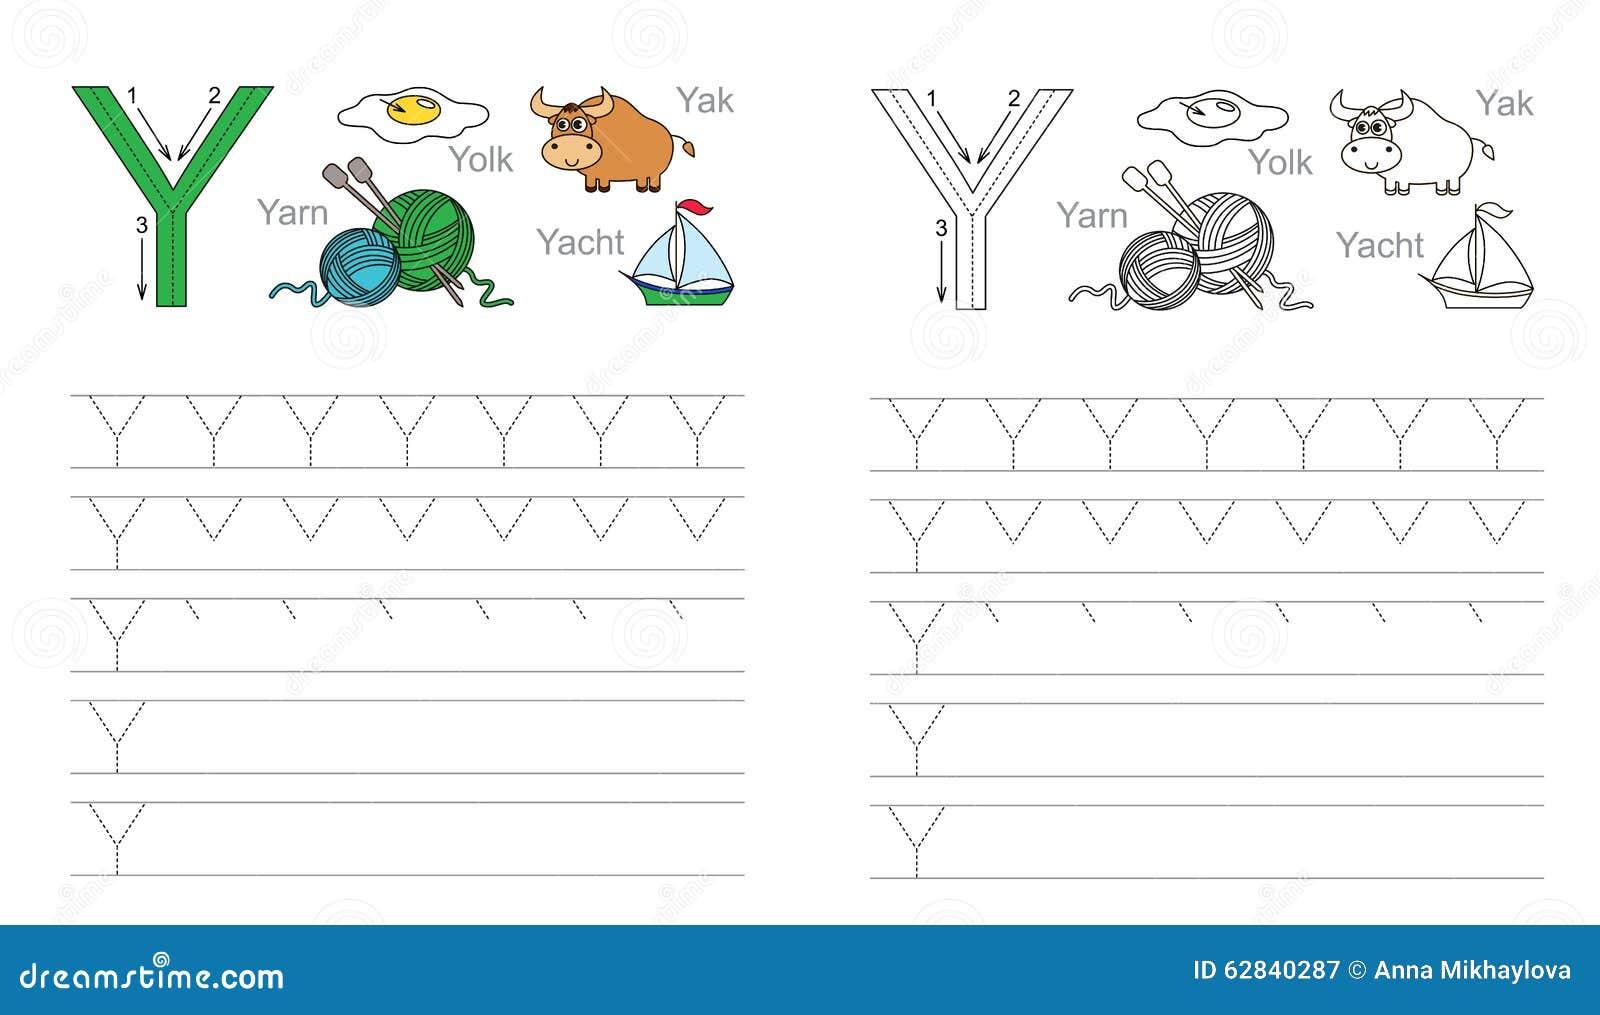 Free Worksheet Letter Y Worksheet tracing worksheet for letter y stock vector image 62840287 y